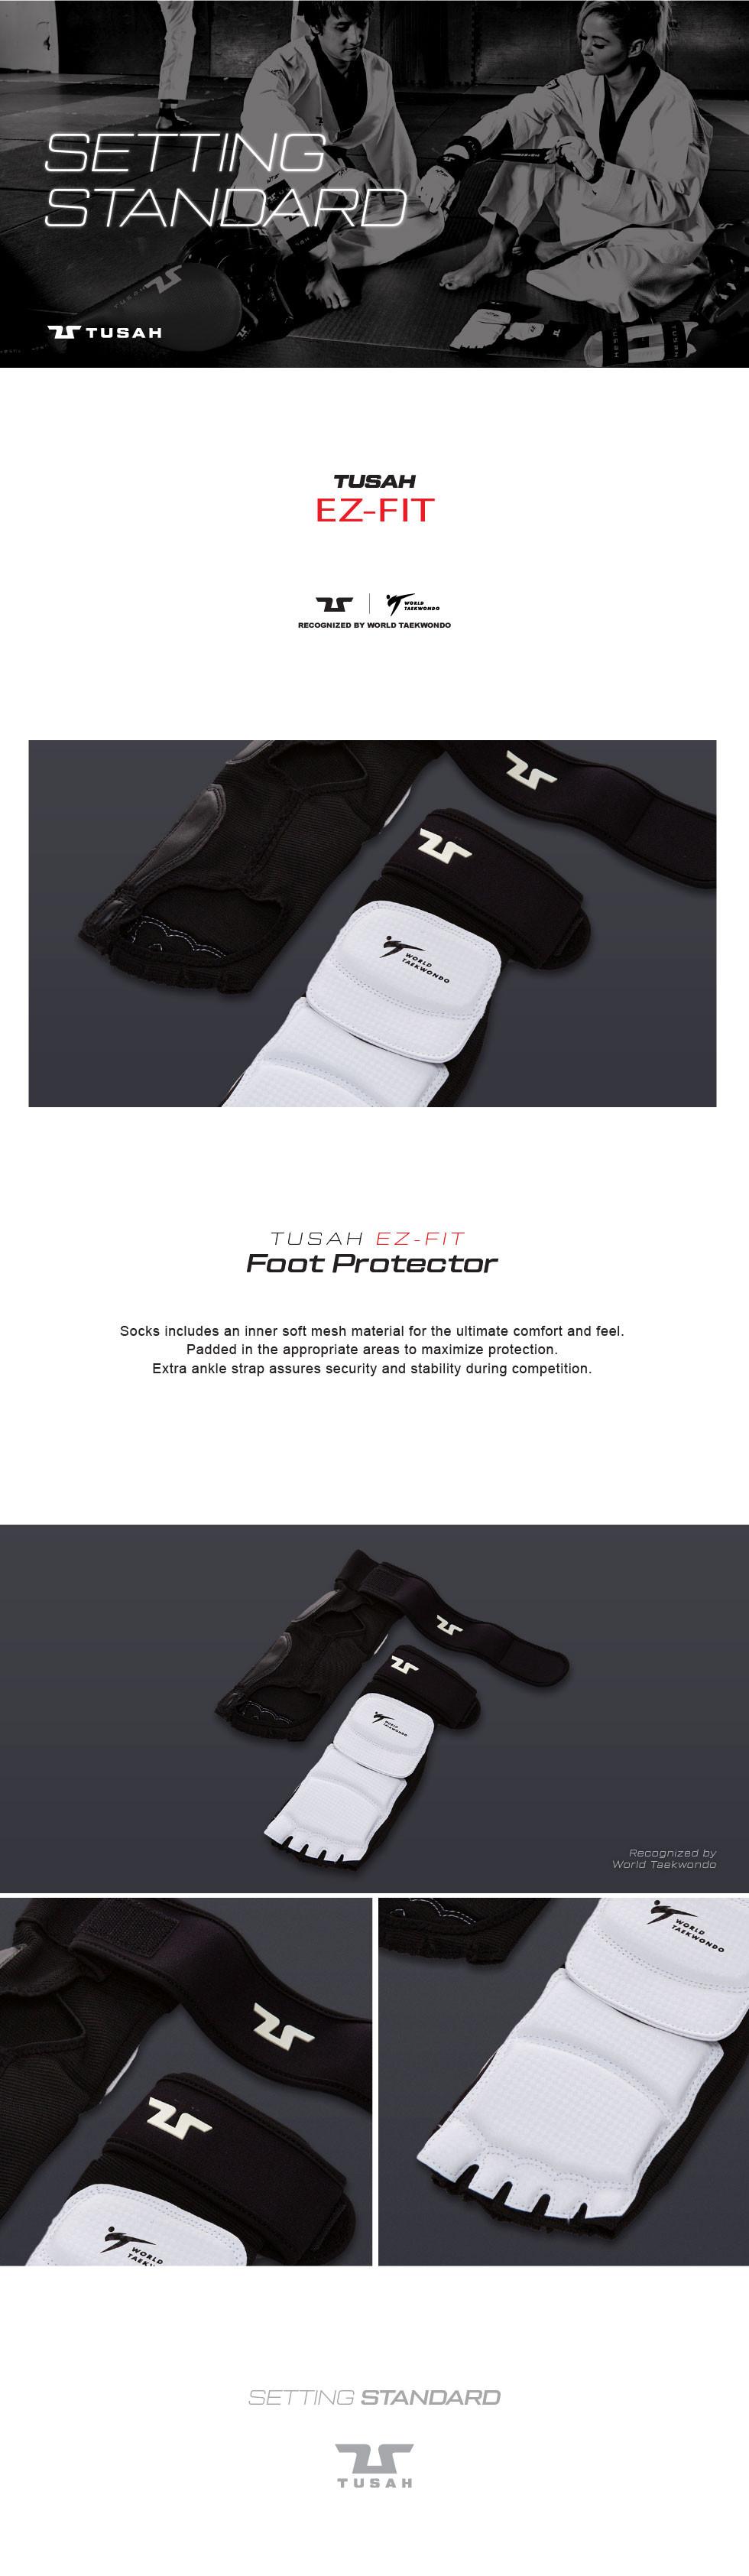 sparring-footprotector1.jpg